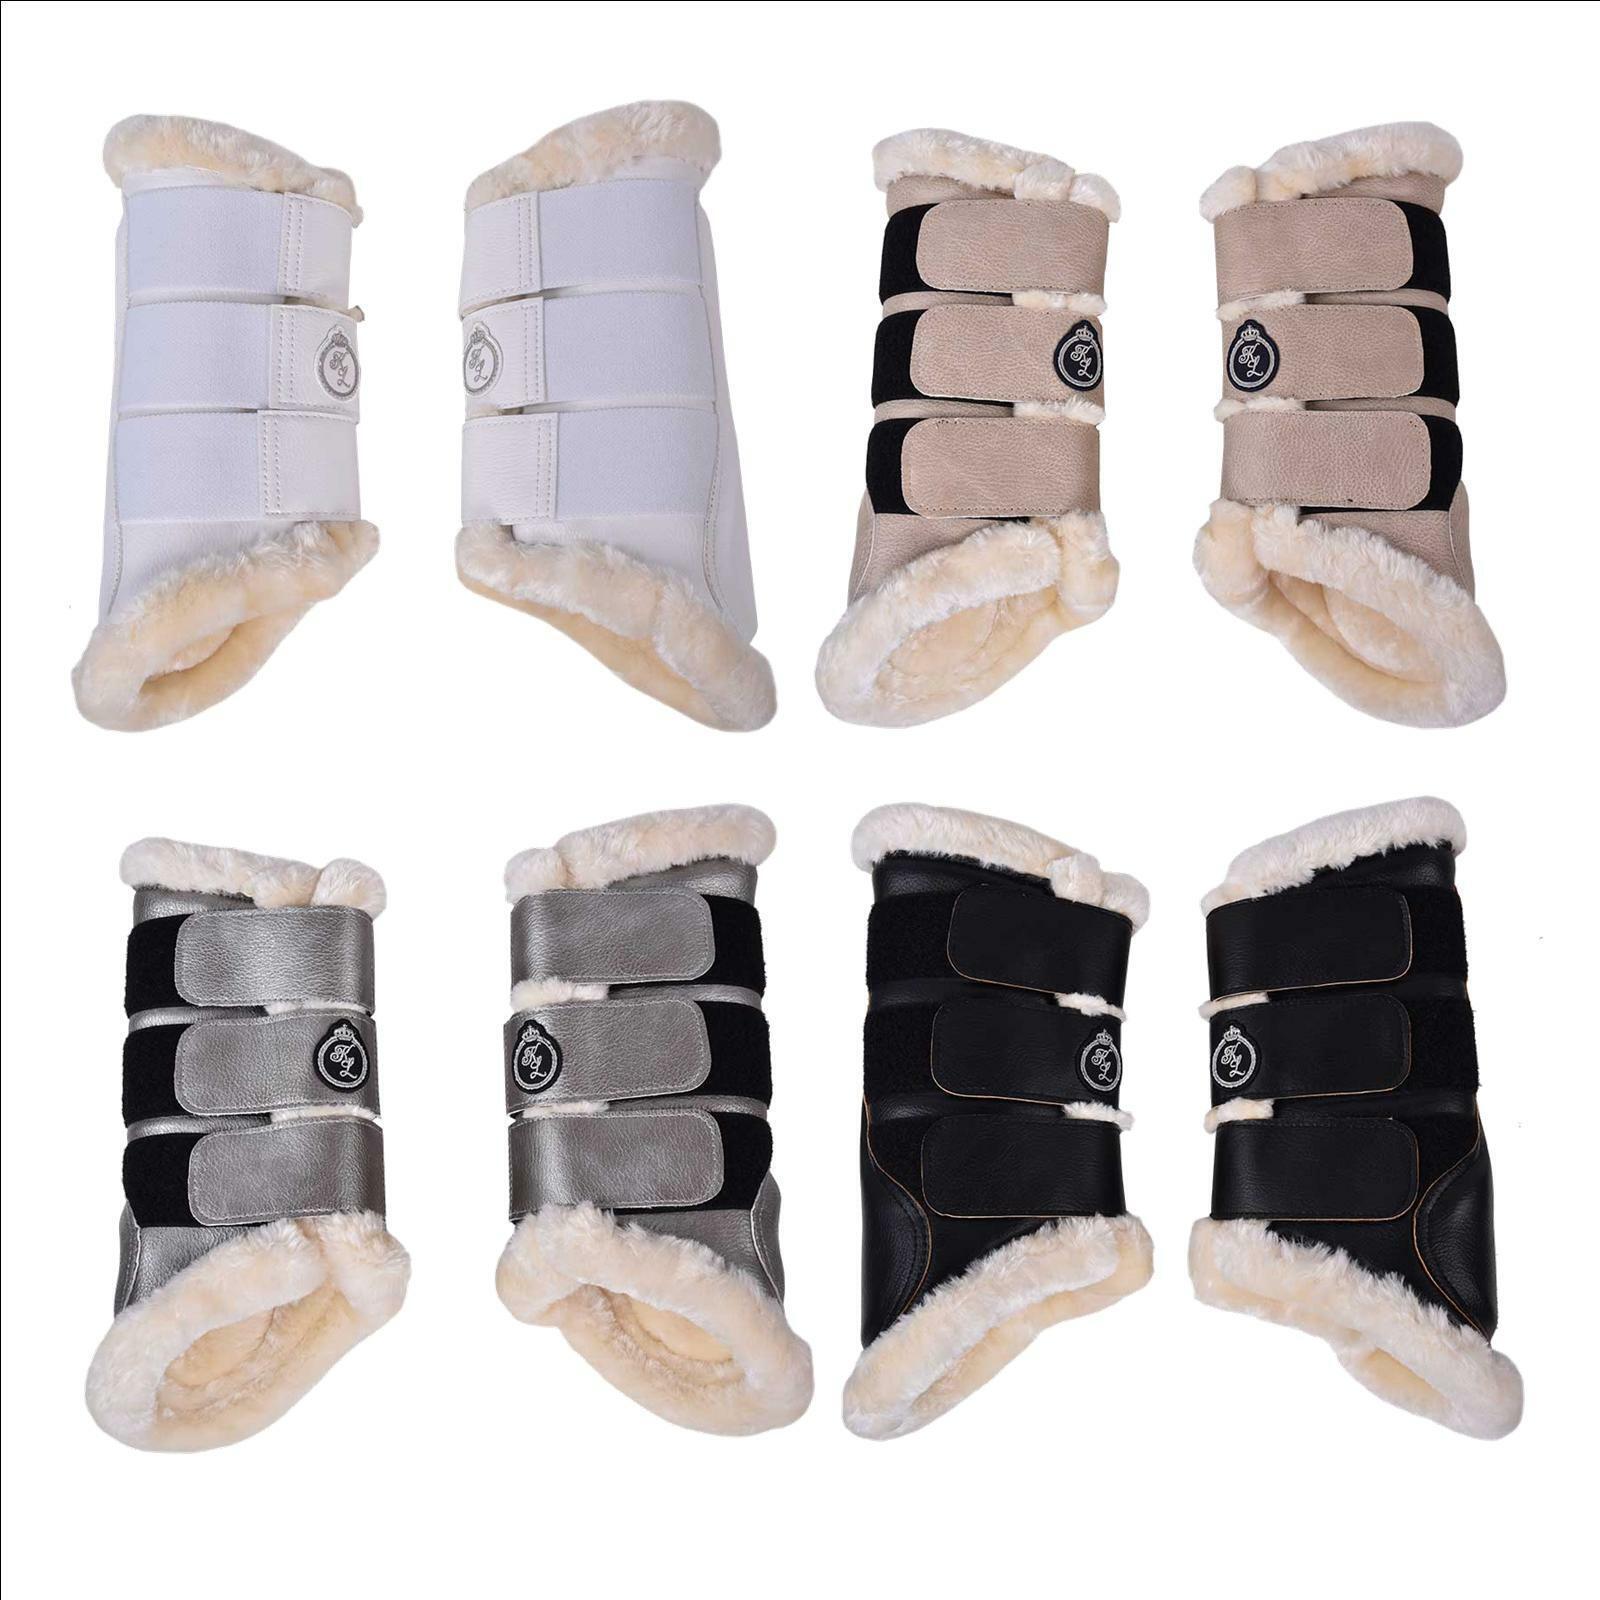 Kingsland piel sintética-polainas  KL _ barels  delanteras, 2er-pack botas